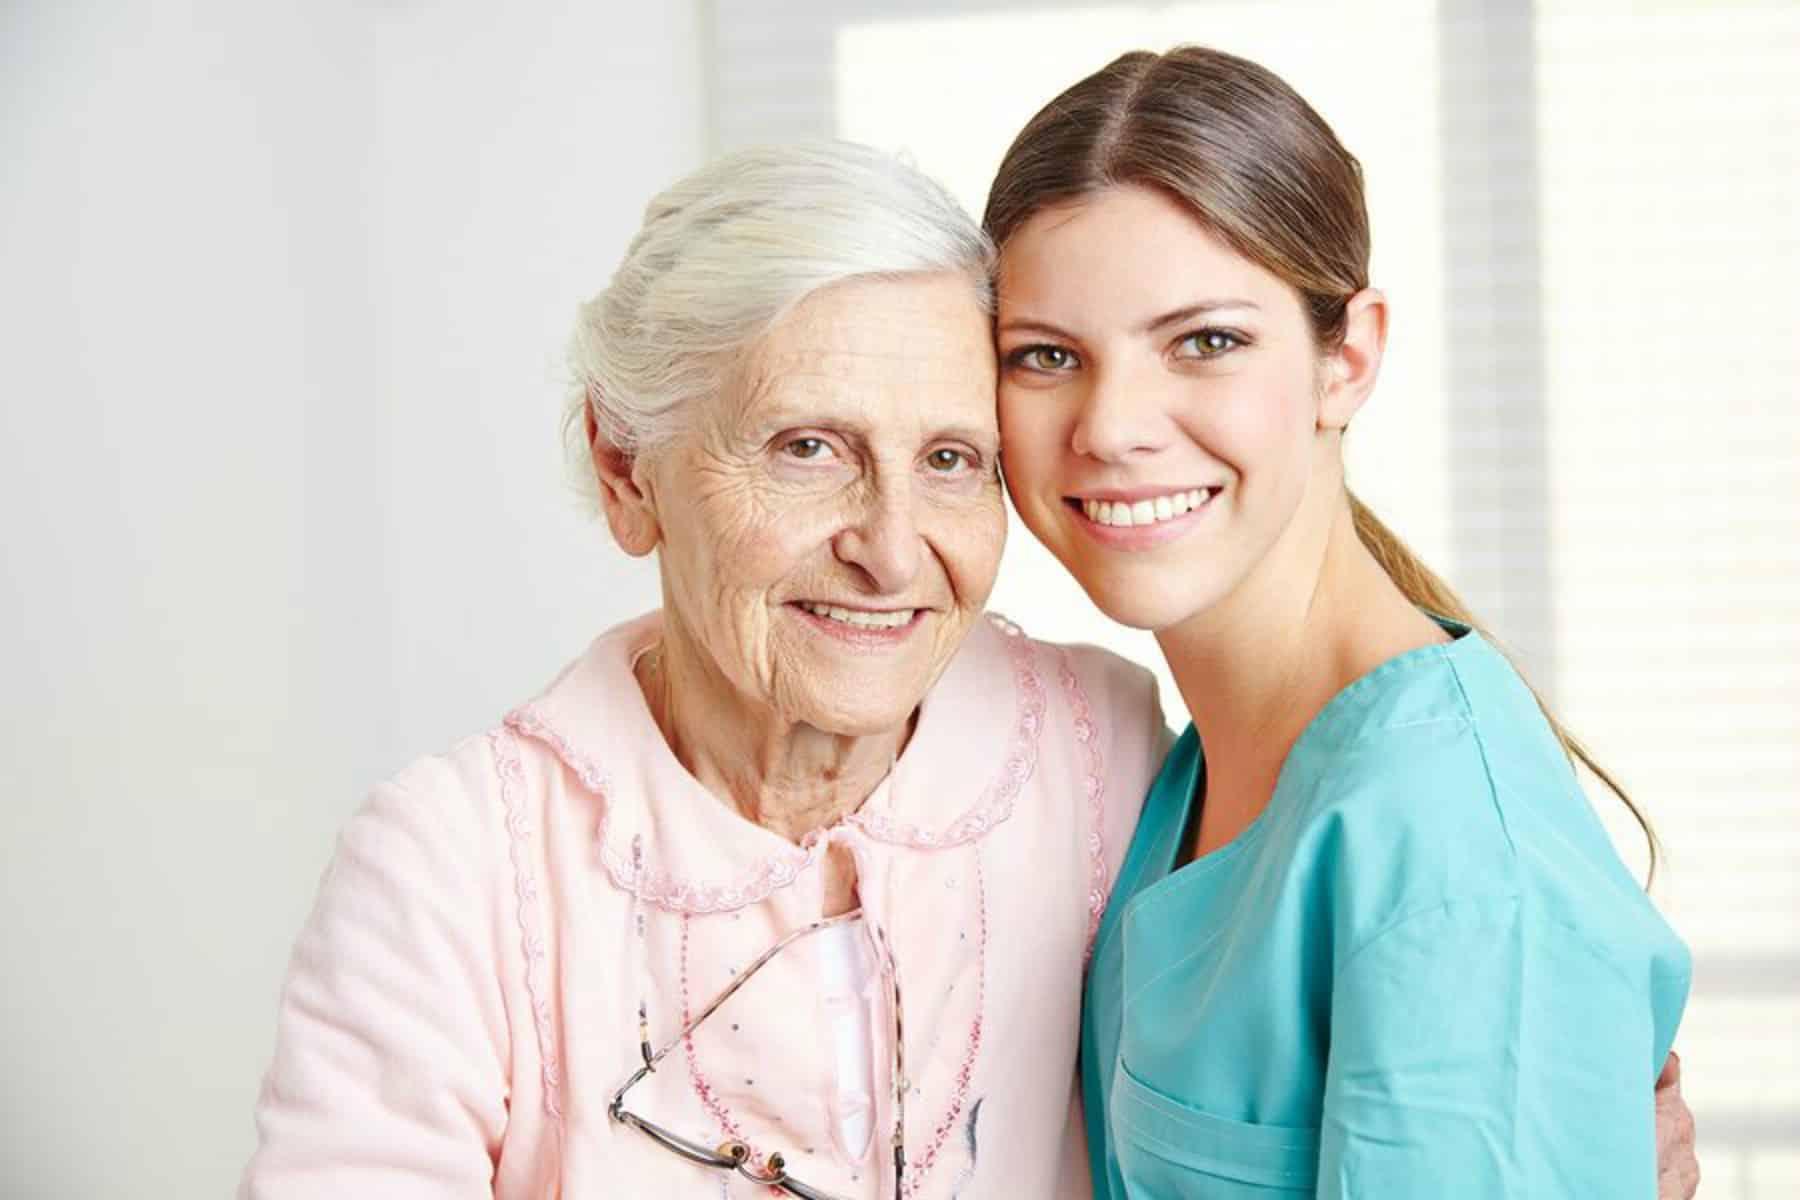 Senior Care in Hillsborough CA: Senior Dressing Tips